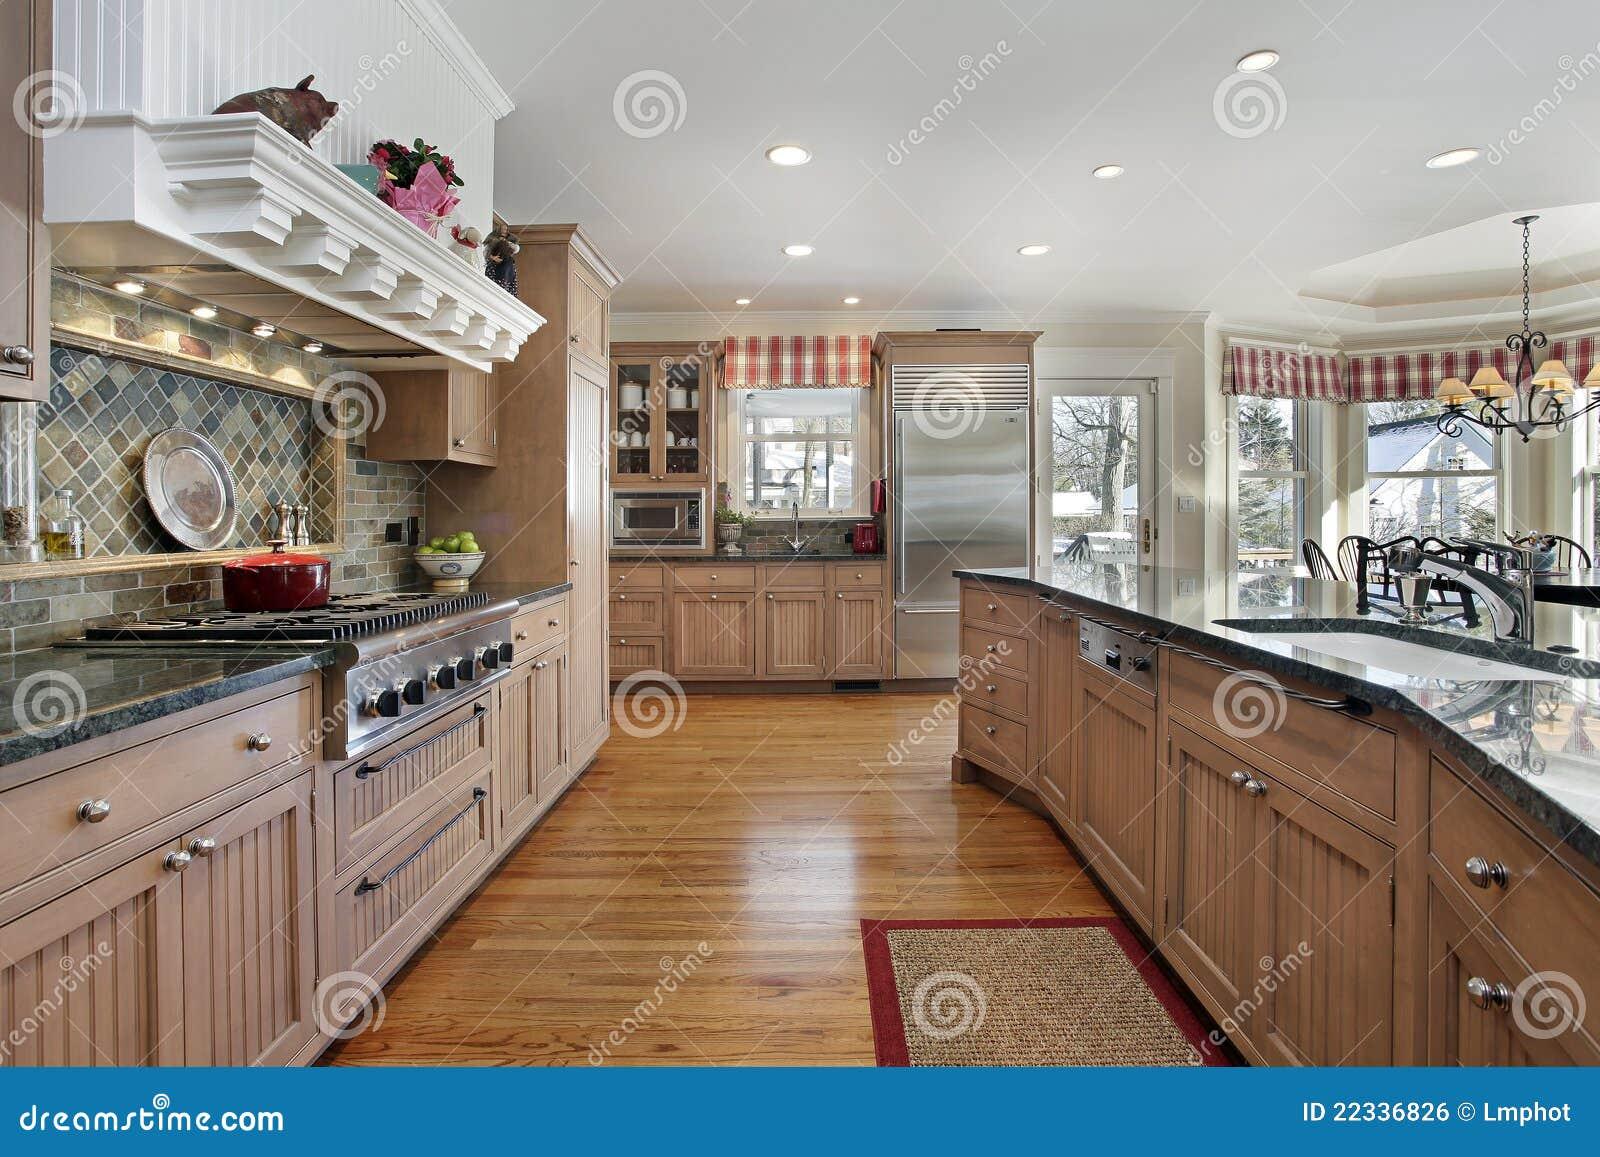 große küche im modernen haus lizenzfreies stockbild - bild: 22336826 - Große Küche